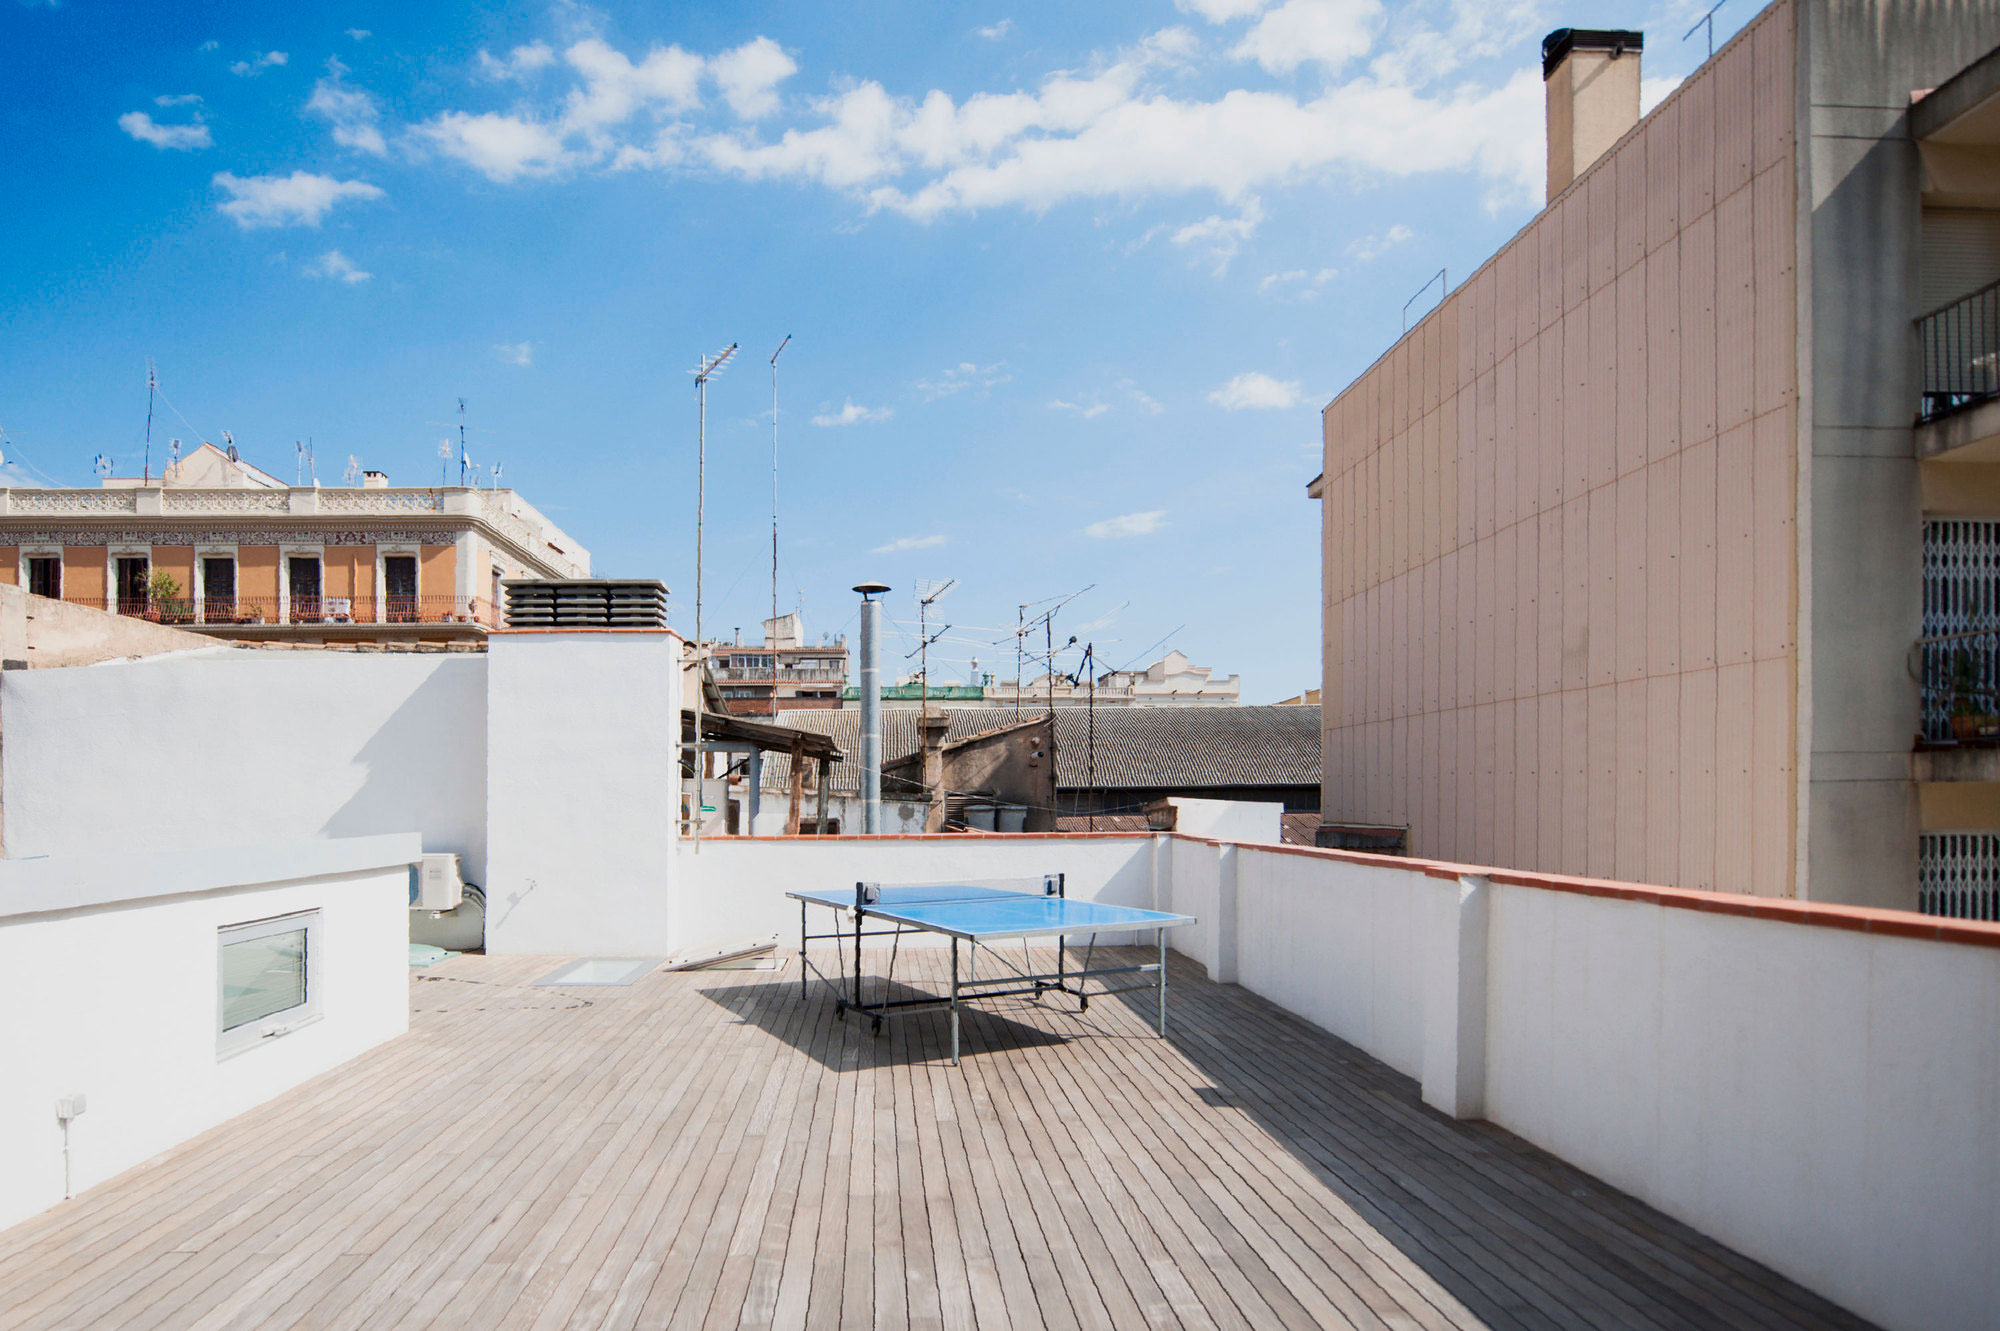 Gracia home in Barcelona by Lluís Corbella & Marc Mazeres-02